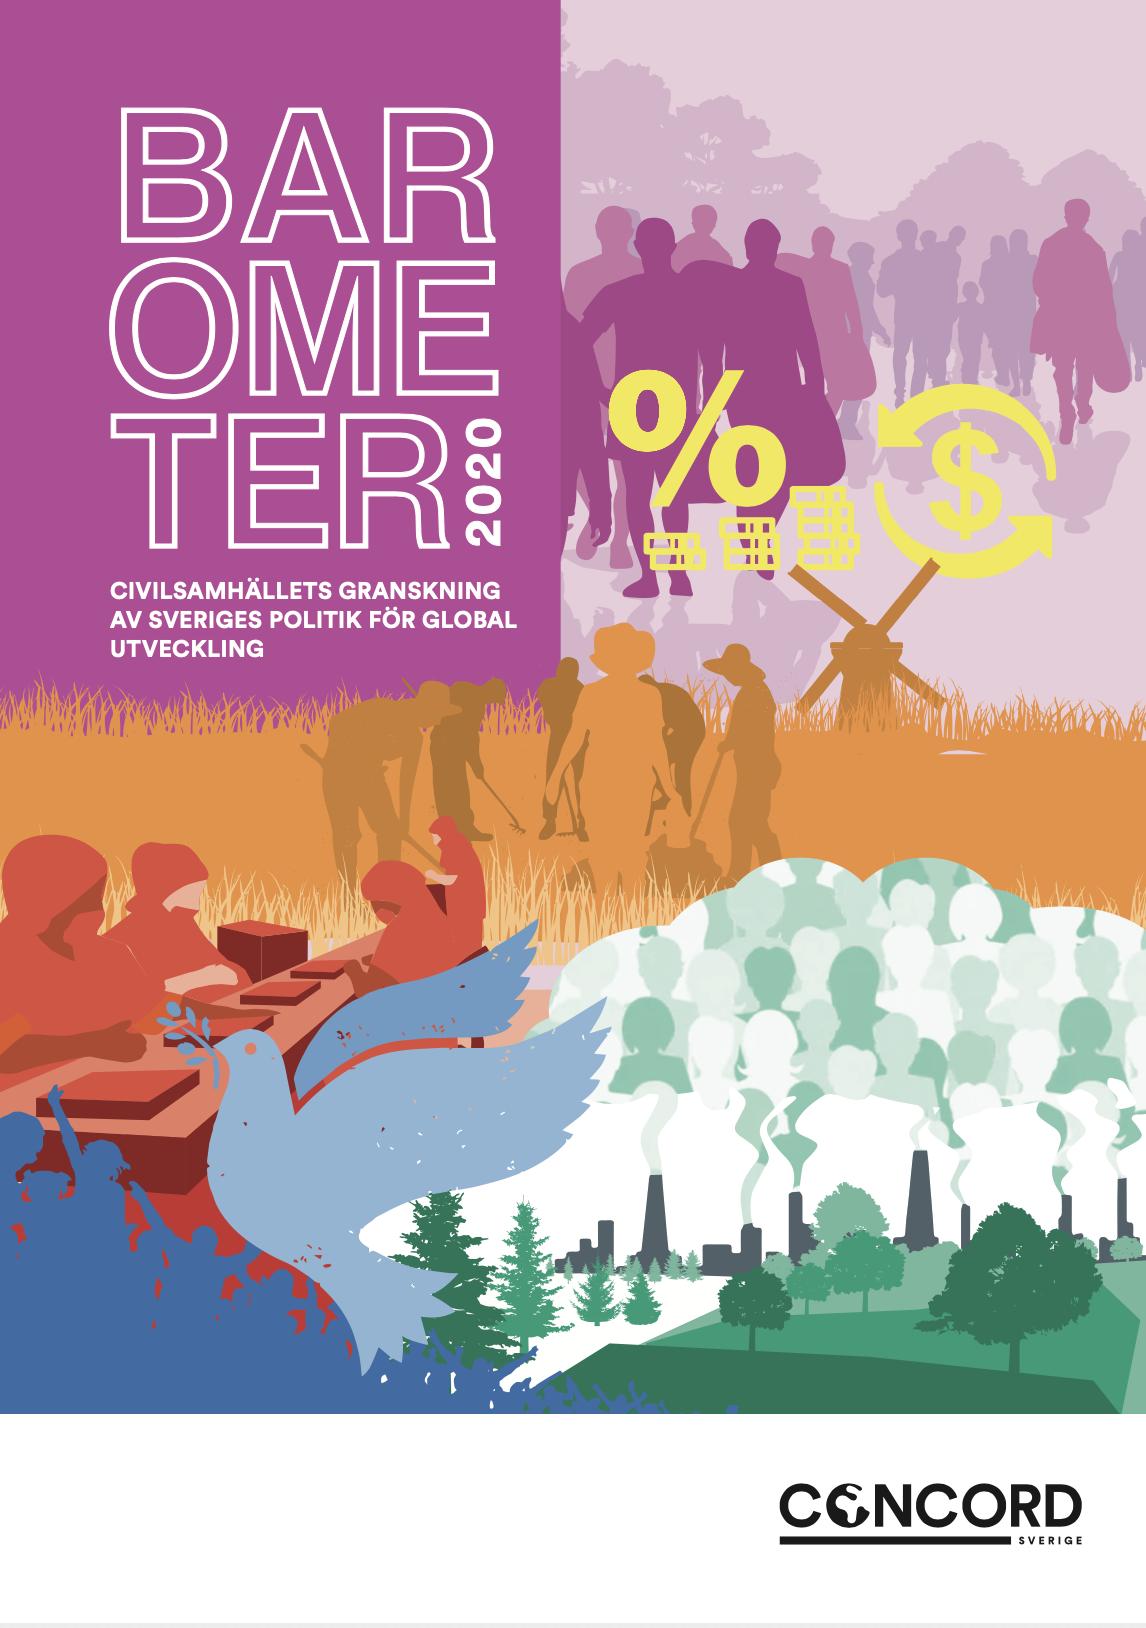 Framsida av rapporten Barometer 2020, illustrationer om jordbruk, klimat, migration, fred med mera